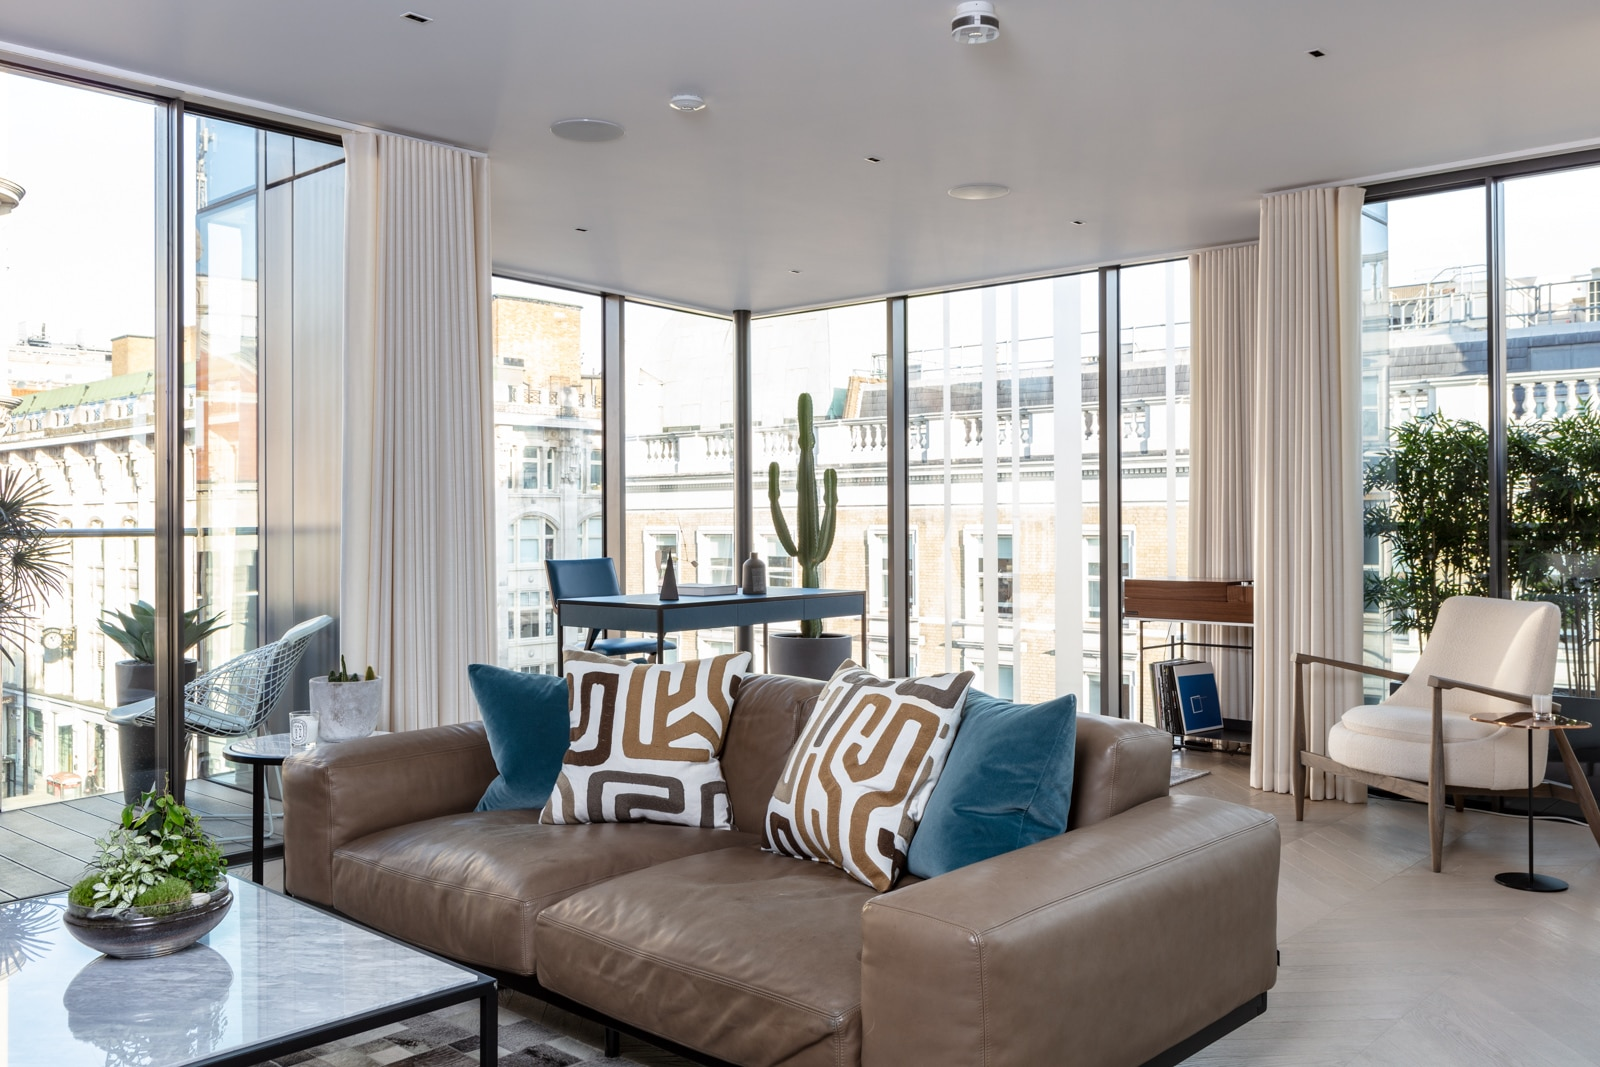 interior designer brighton